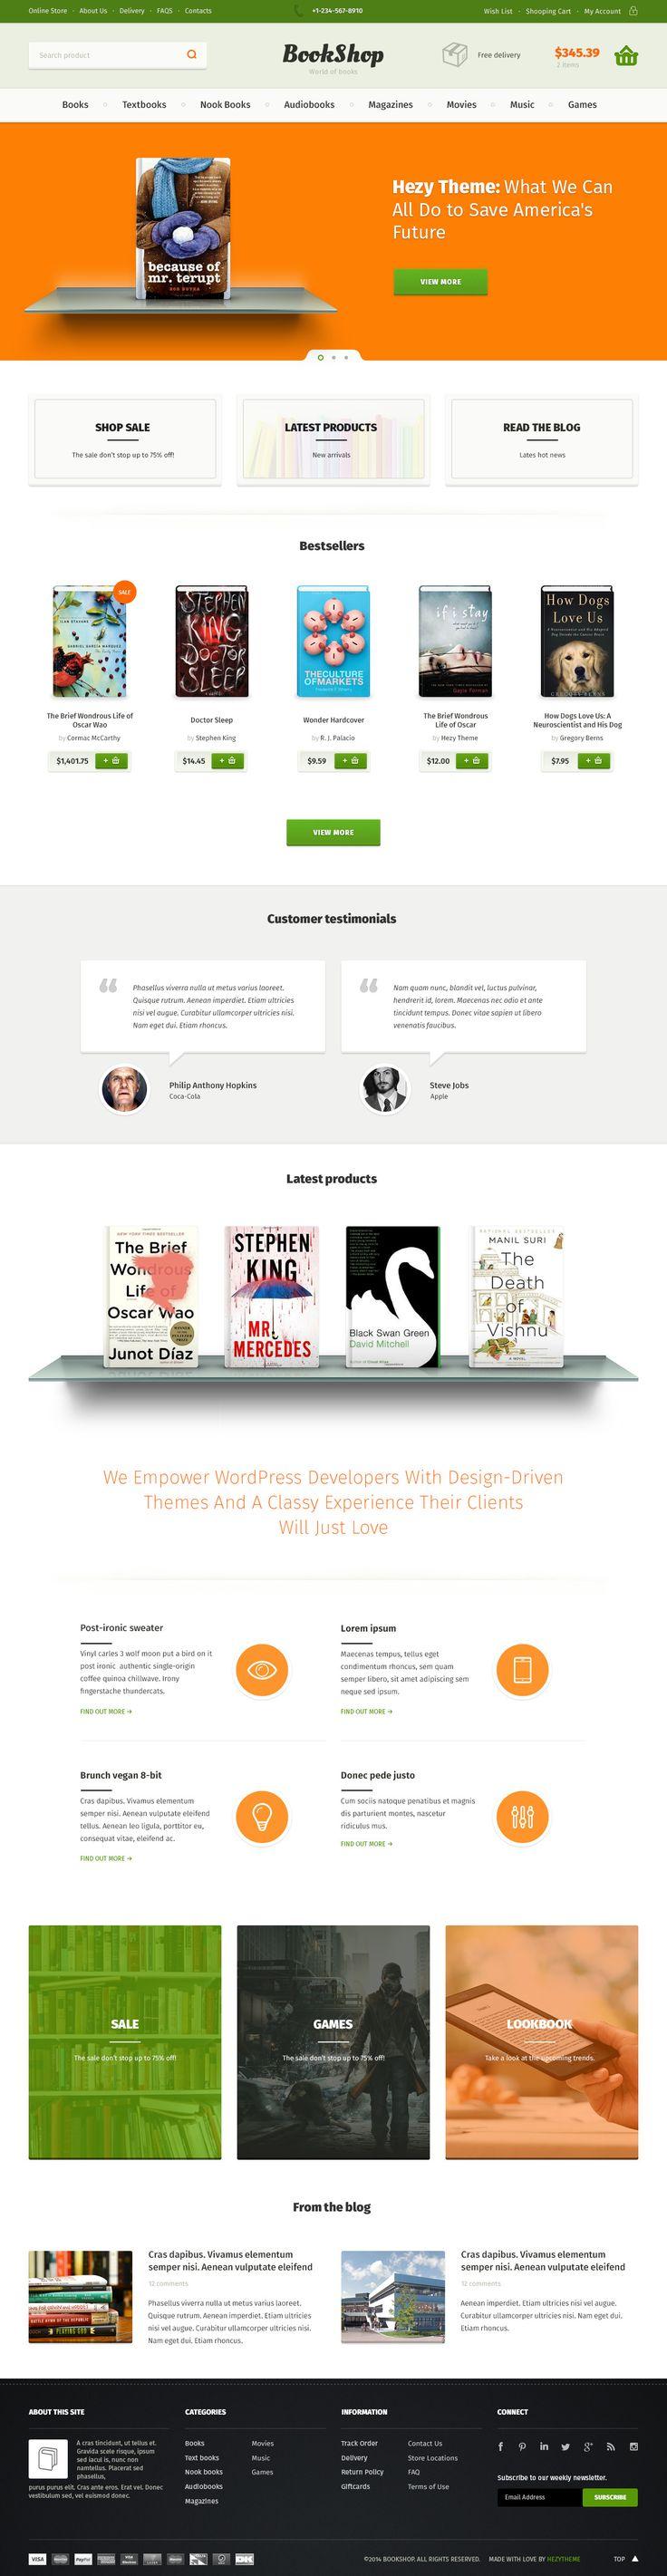 02_Bookshop_home.jpg (1280×4945)